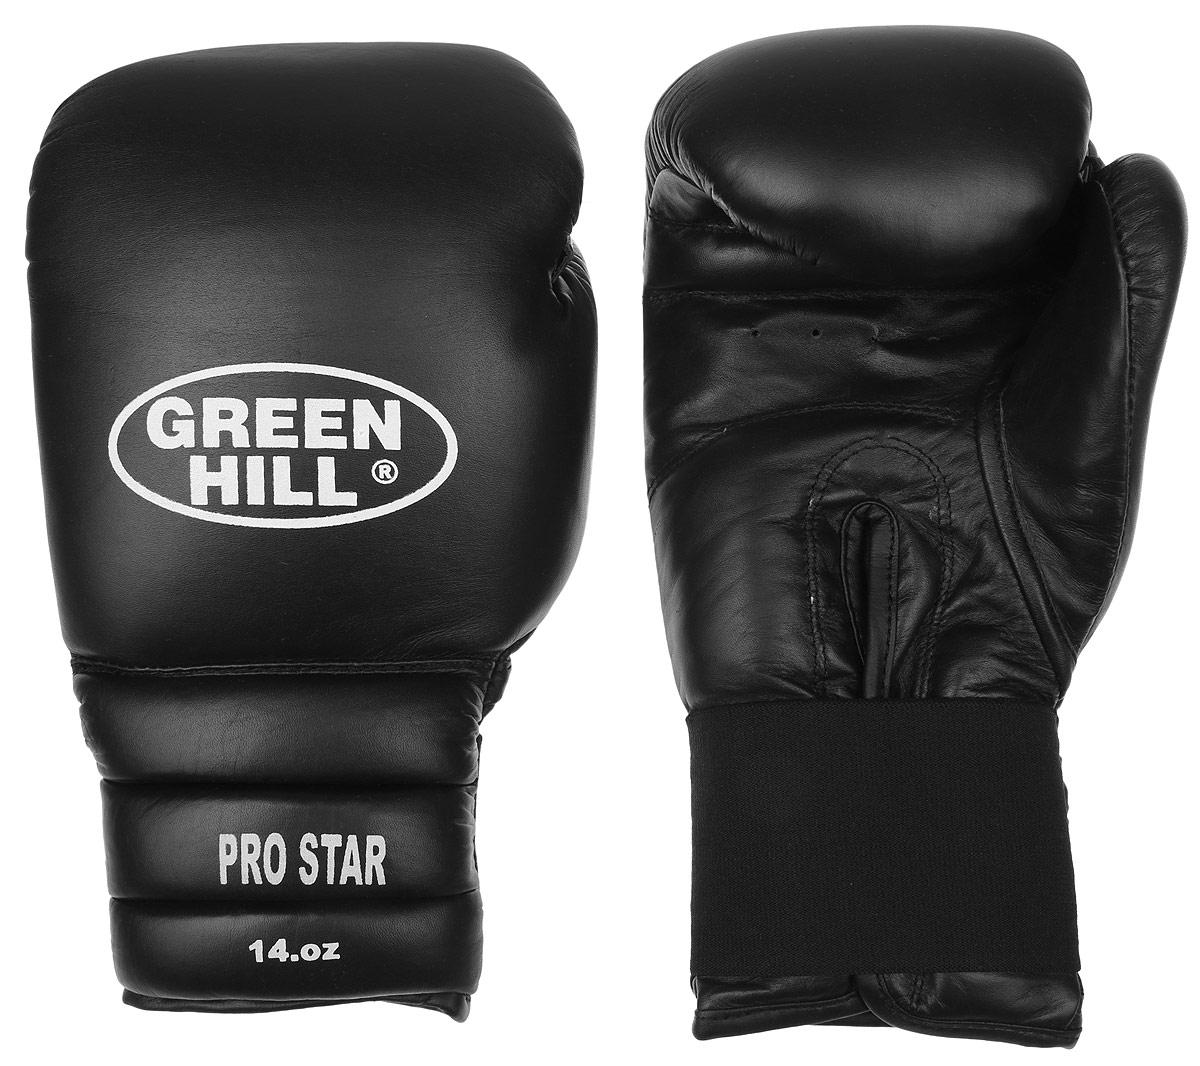 Перчатки боксерские Green Hill Pro Star, цвет: черный, белый. Вес 14 унций. BGPS-2012УТ-00008917Тренировочные боксерские перчатки Green Hill Pro Star отлично подойдут для спаррингов. Верх выполнен из натуральной кожи, наполнитель - из вспененного полимера. Отверстие в области ладони позволяет создать максимально комфортный терморежим во время занятий. Удлиненный сегментированный манжет способствует быстрому и удобному надеванию перчаток, плотно фиксирует их на руке.